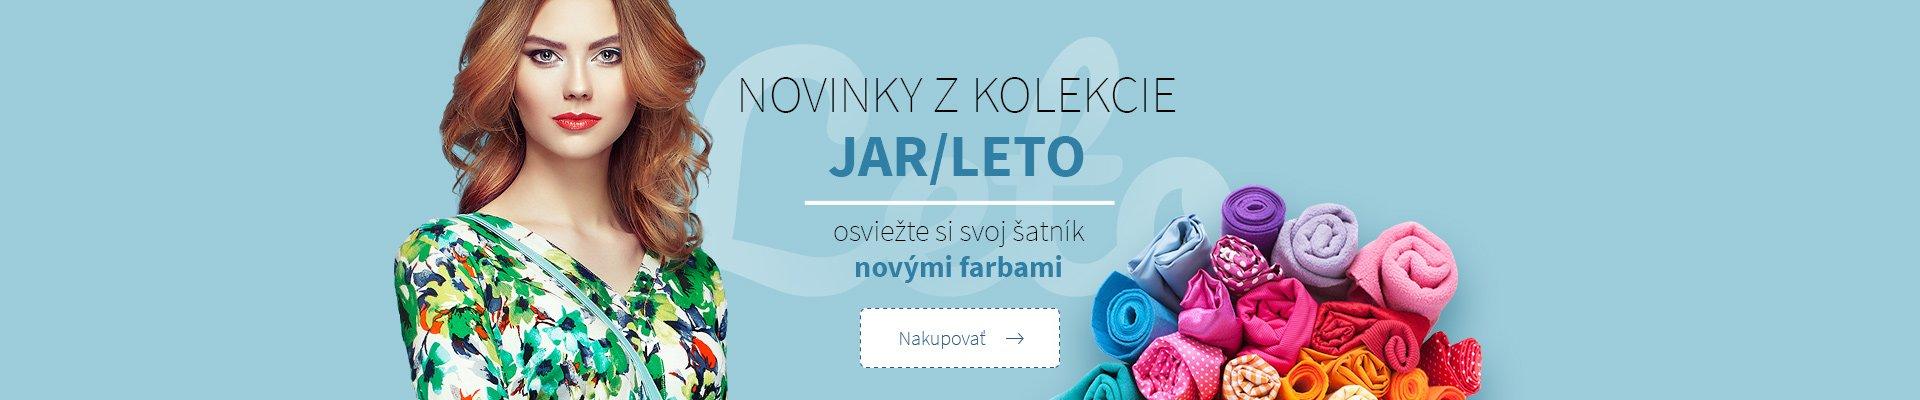 NOVINKY Z KOLEKCE JAR / LETO